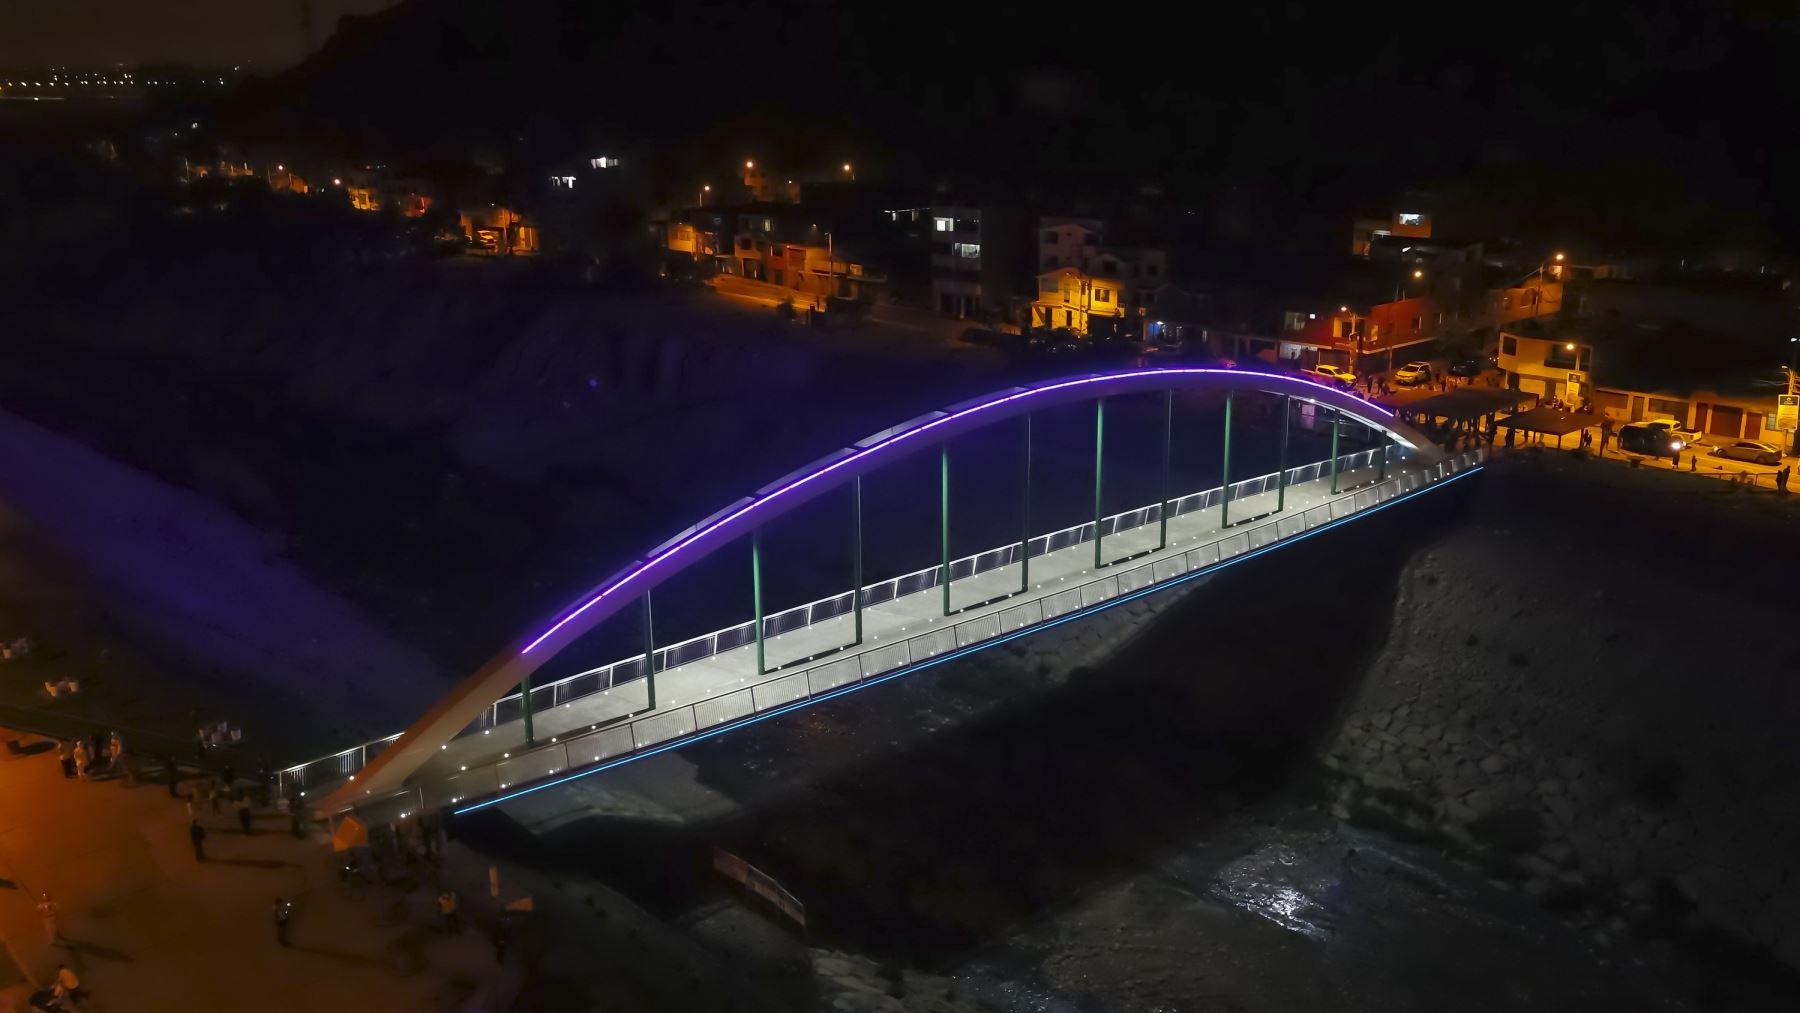 Se ha convertido en un atractivo espectáculo visual para el público que transita a diario por el puente. Foto: MML